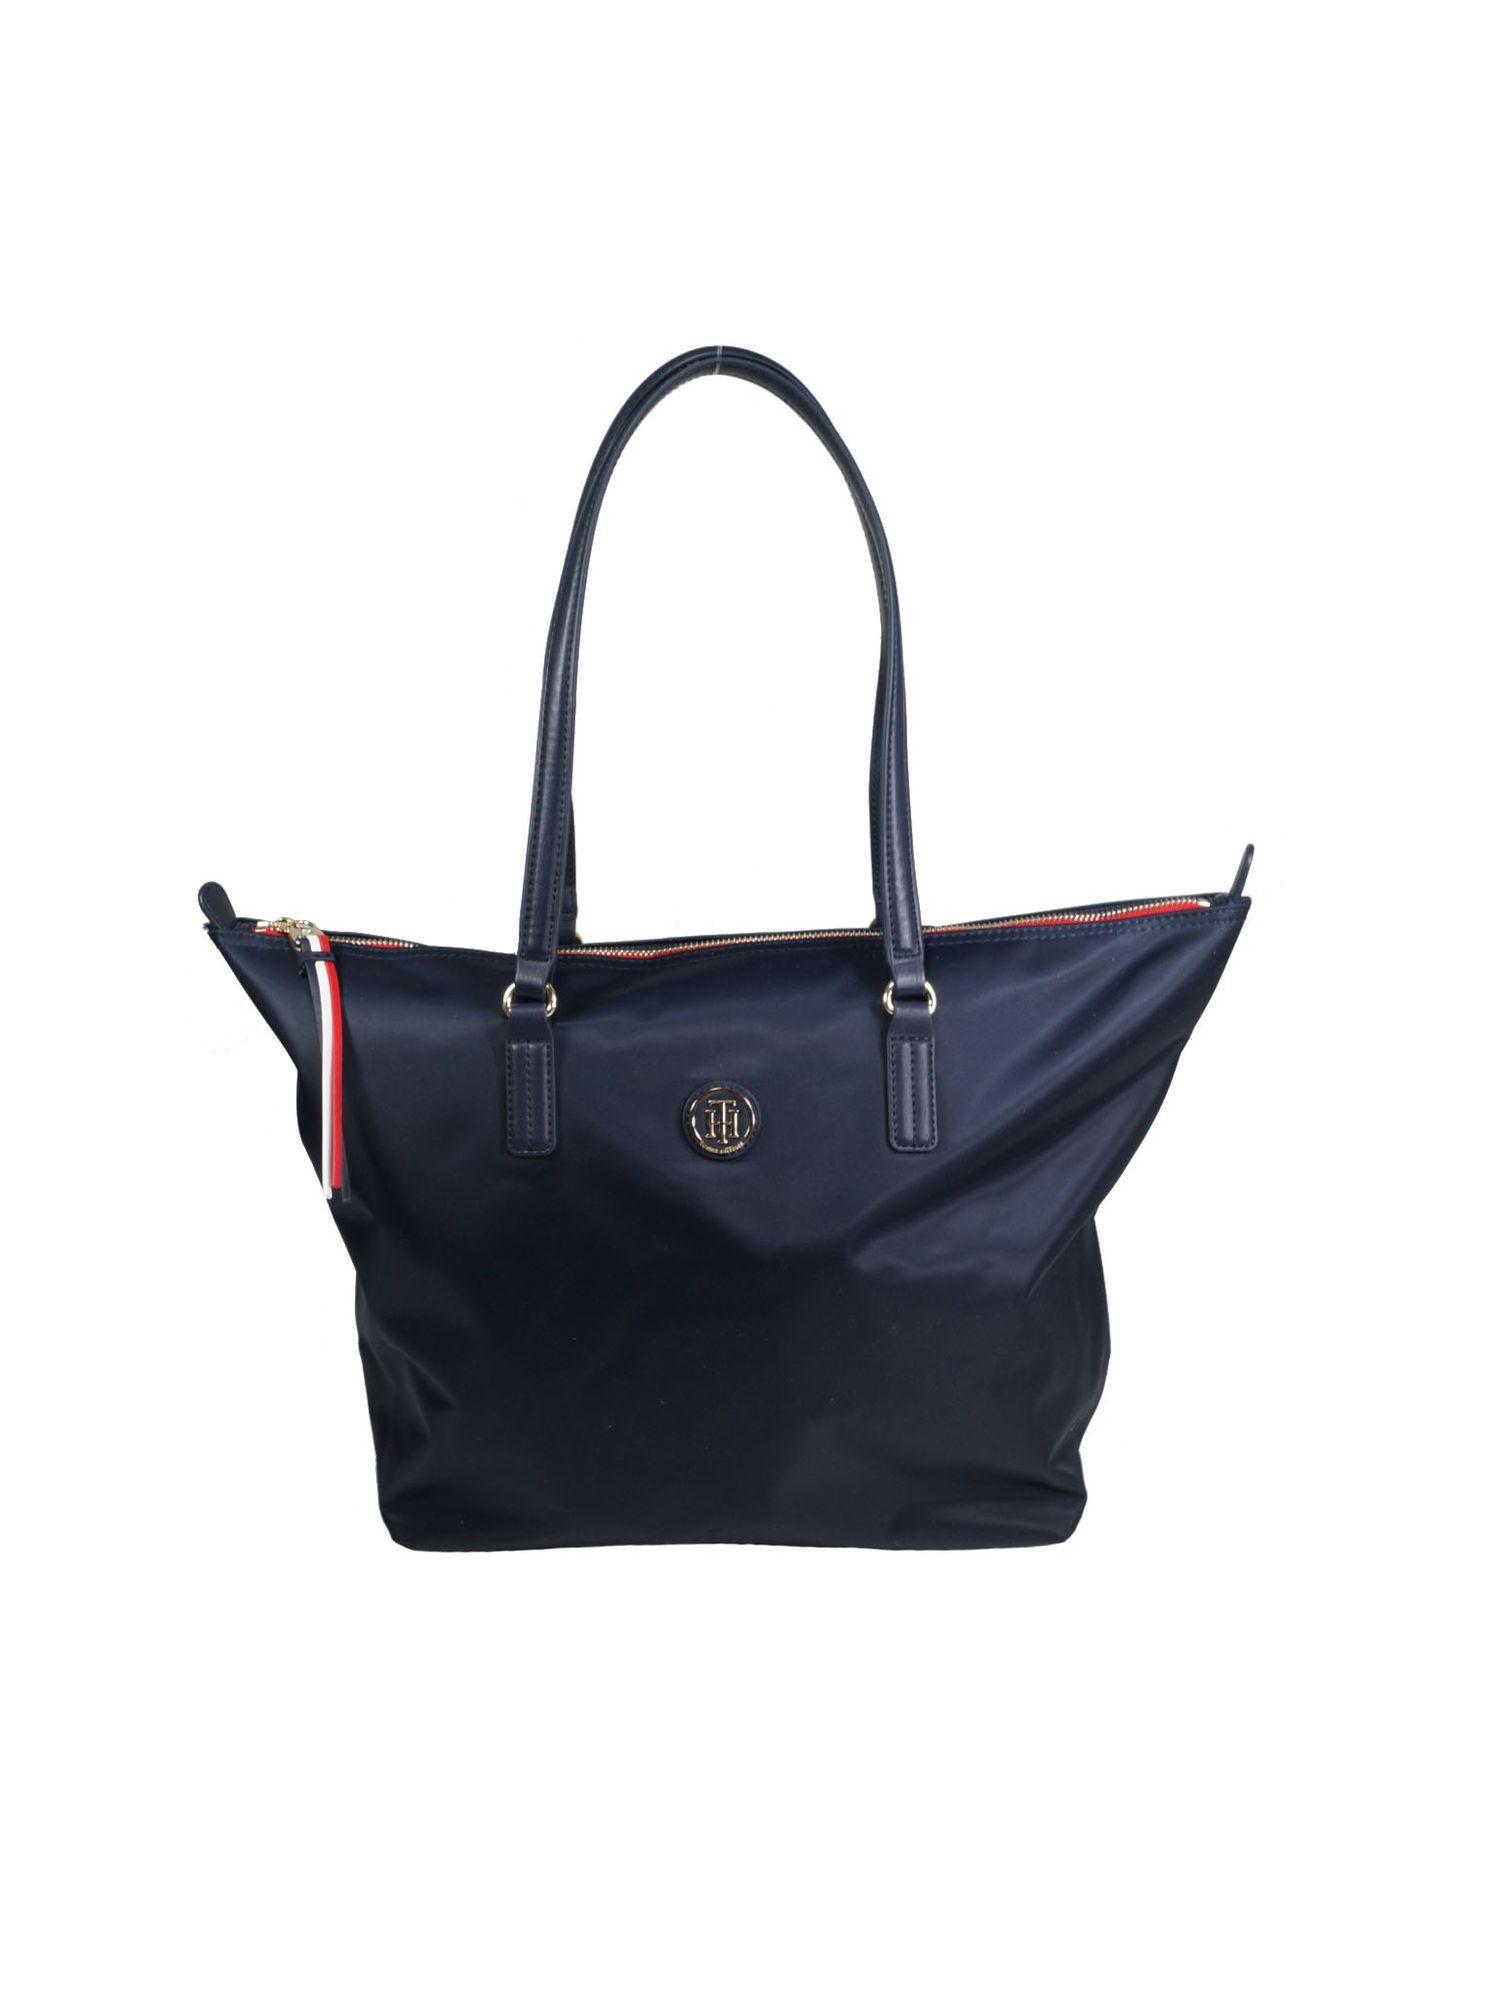 beste Schuhe Top Marken Qualität und Quantität zugesichert Tommy Hilfiger Damen Handtasche Tasche Shopper POPPY Tote Blau   starlabels  outdoor lifestyle leder